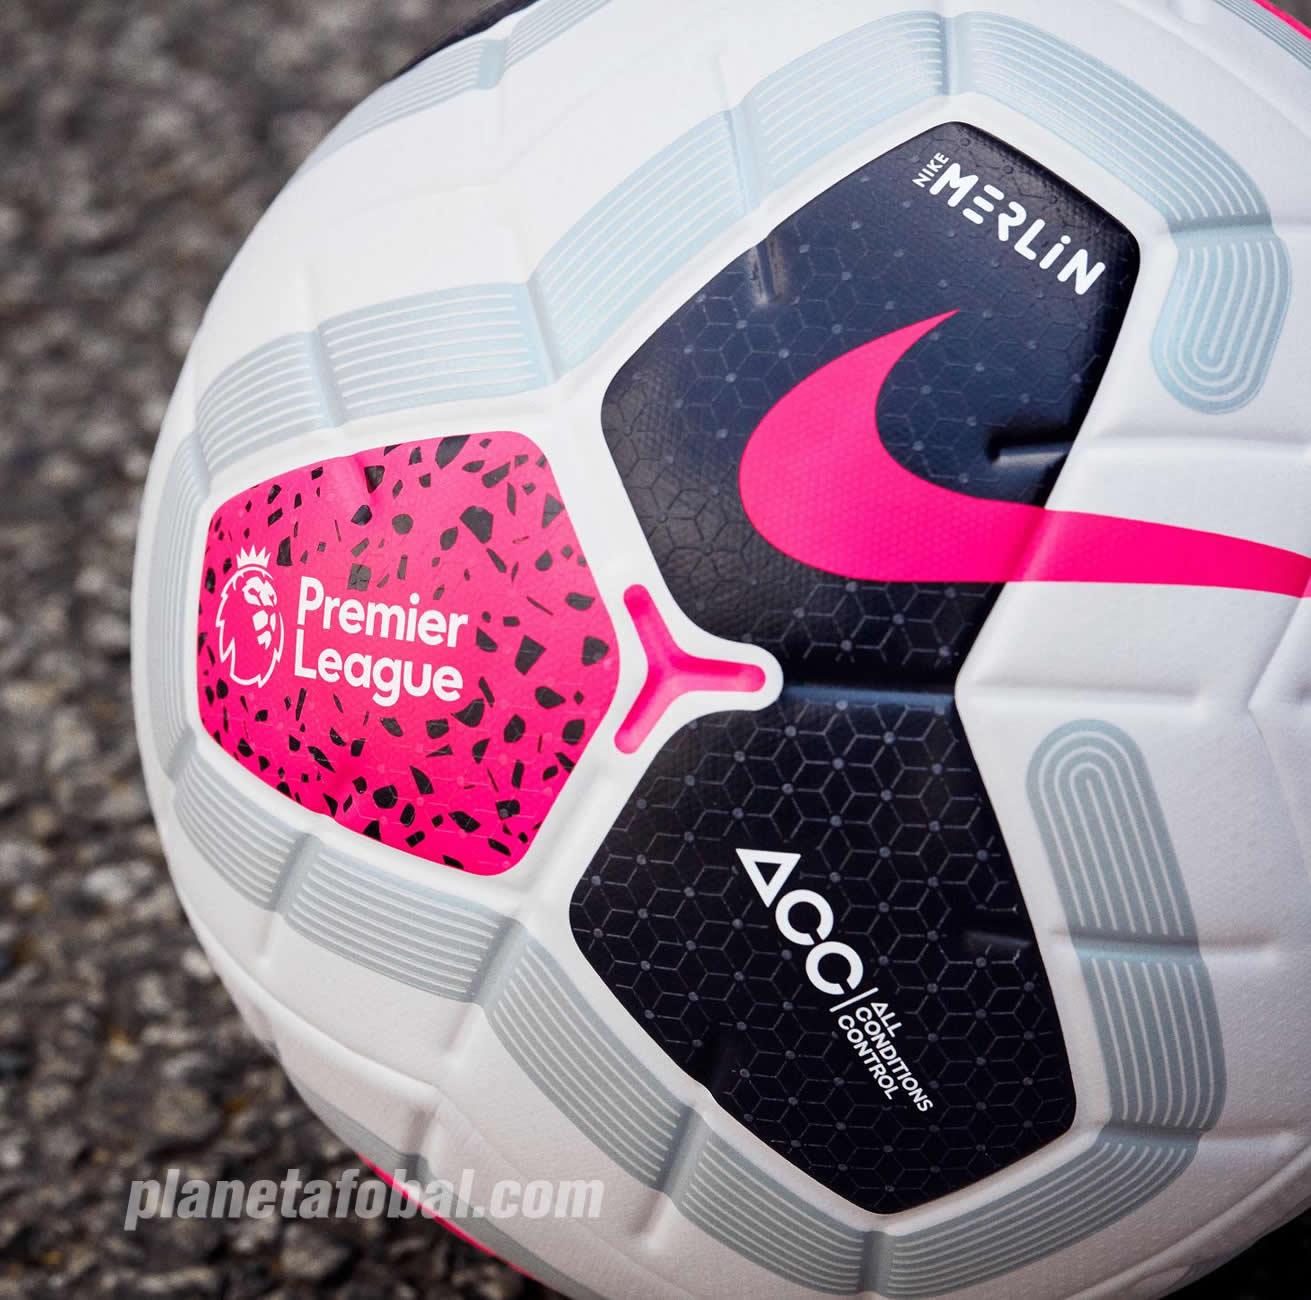 Balón Merlin Premier League 2019/20 | Imagen Nike